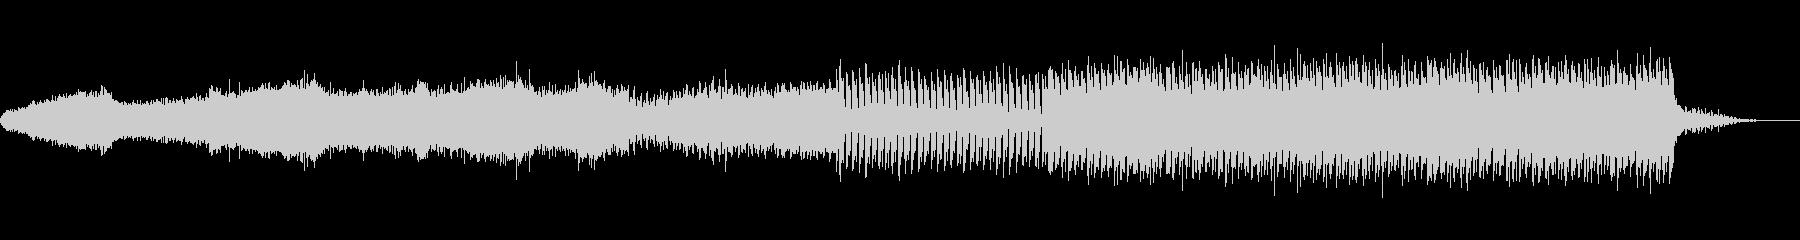 再現シーン:感極まるプチトランスの未再生の波形